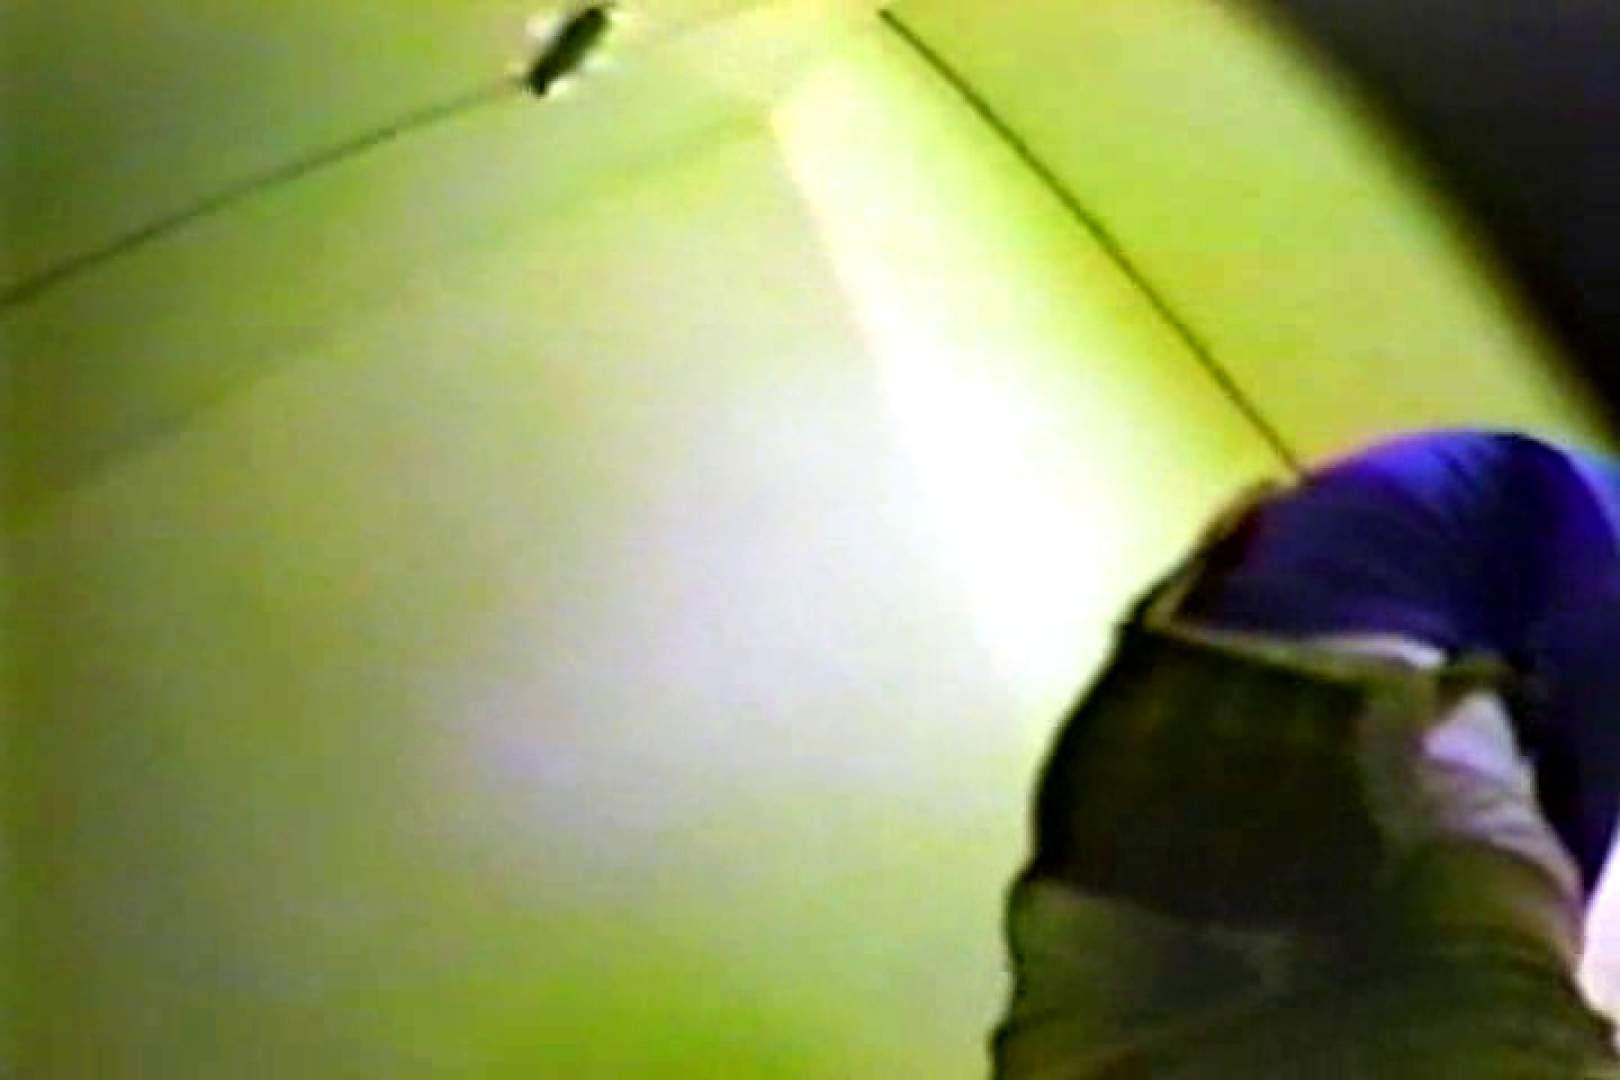 個室狂いのマニア映像Vol.1 おまんこ無修正 | 洗面所はめどり  95画像 85